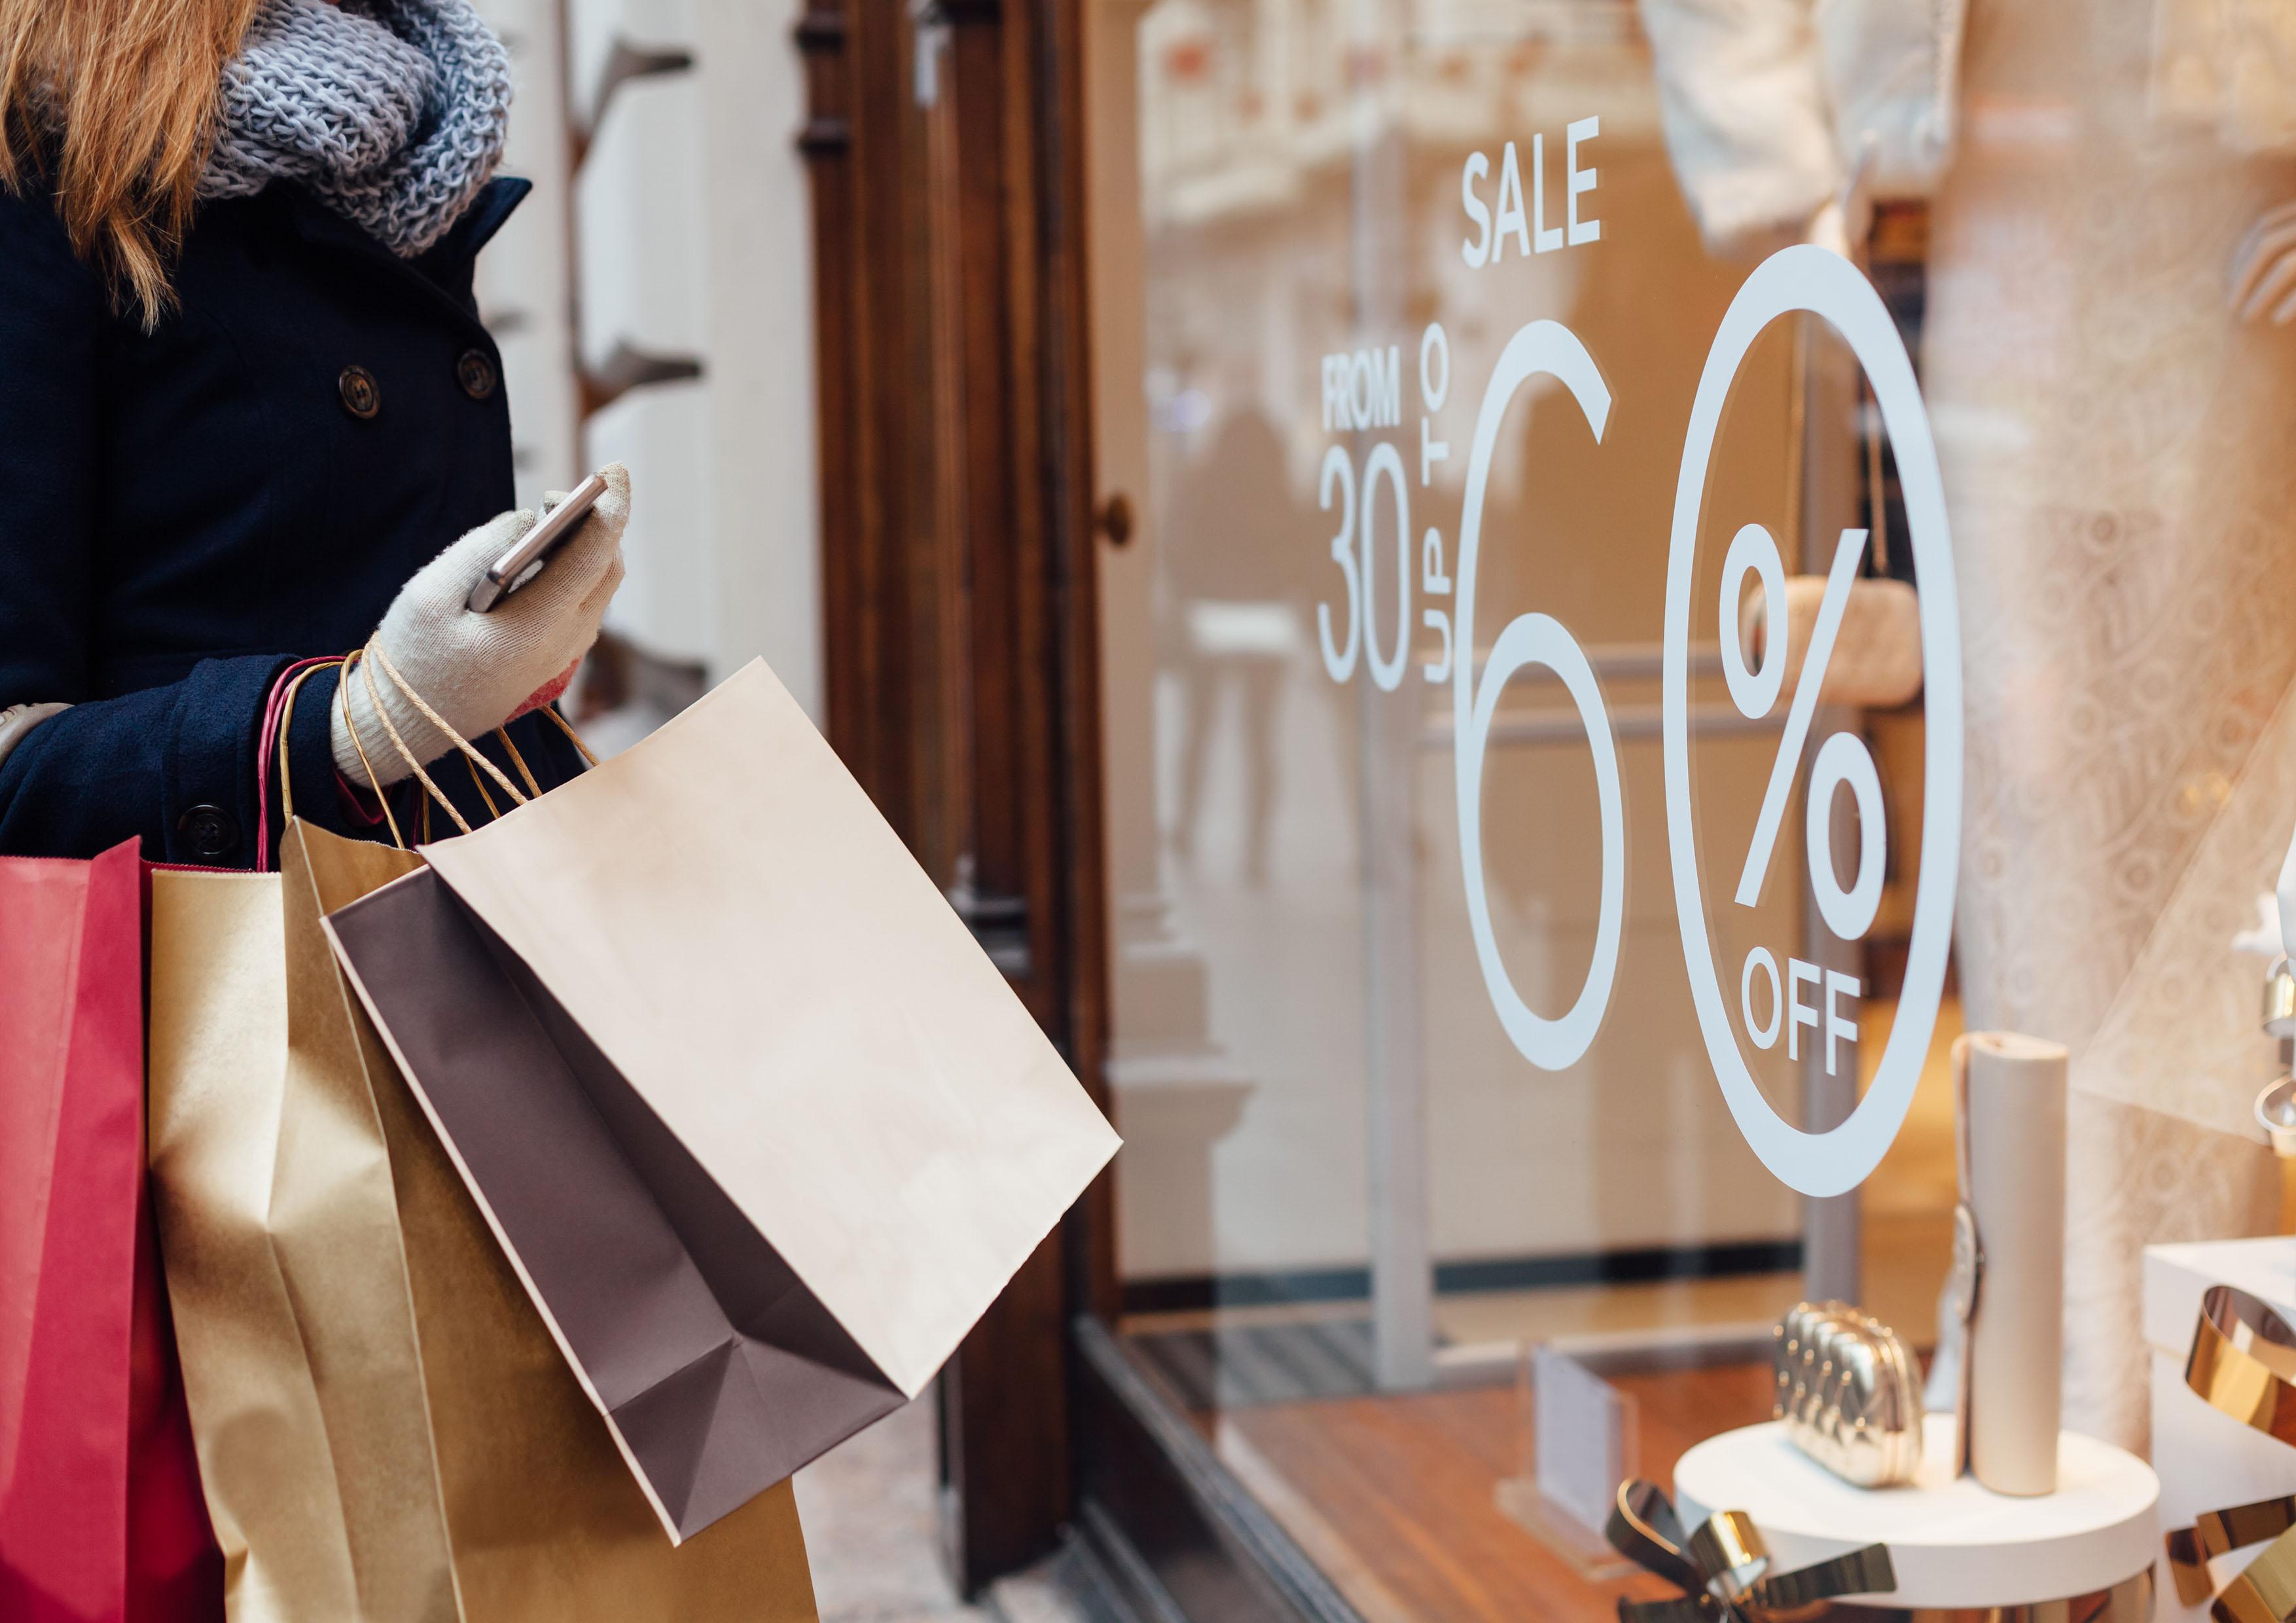 Pubblicità trasparente e customer-focused nel punto vendita